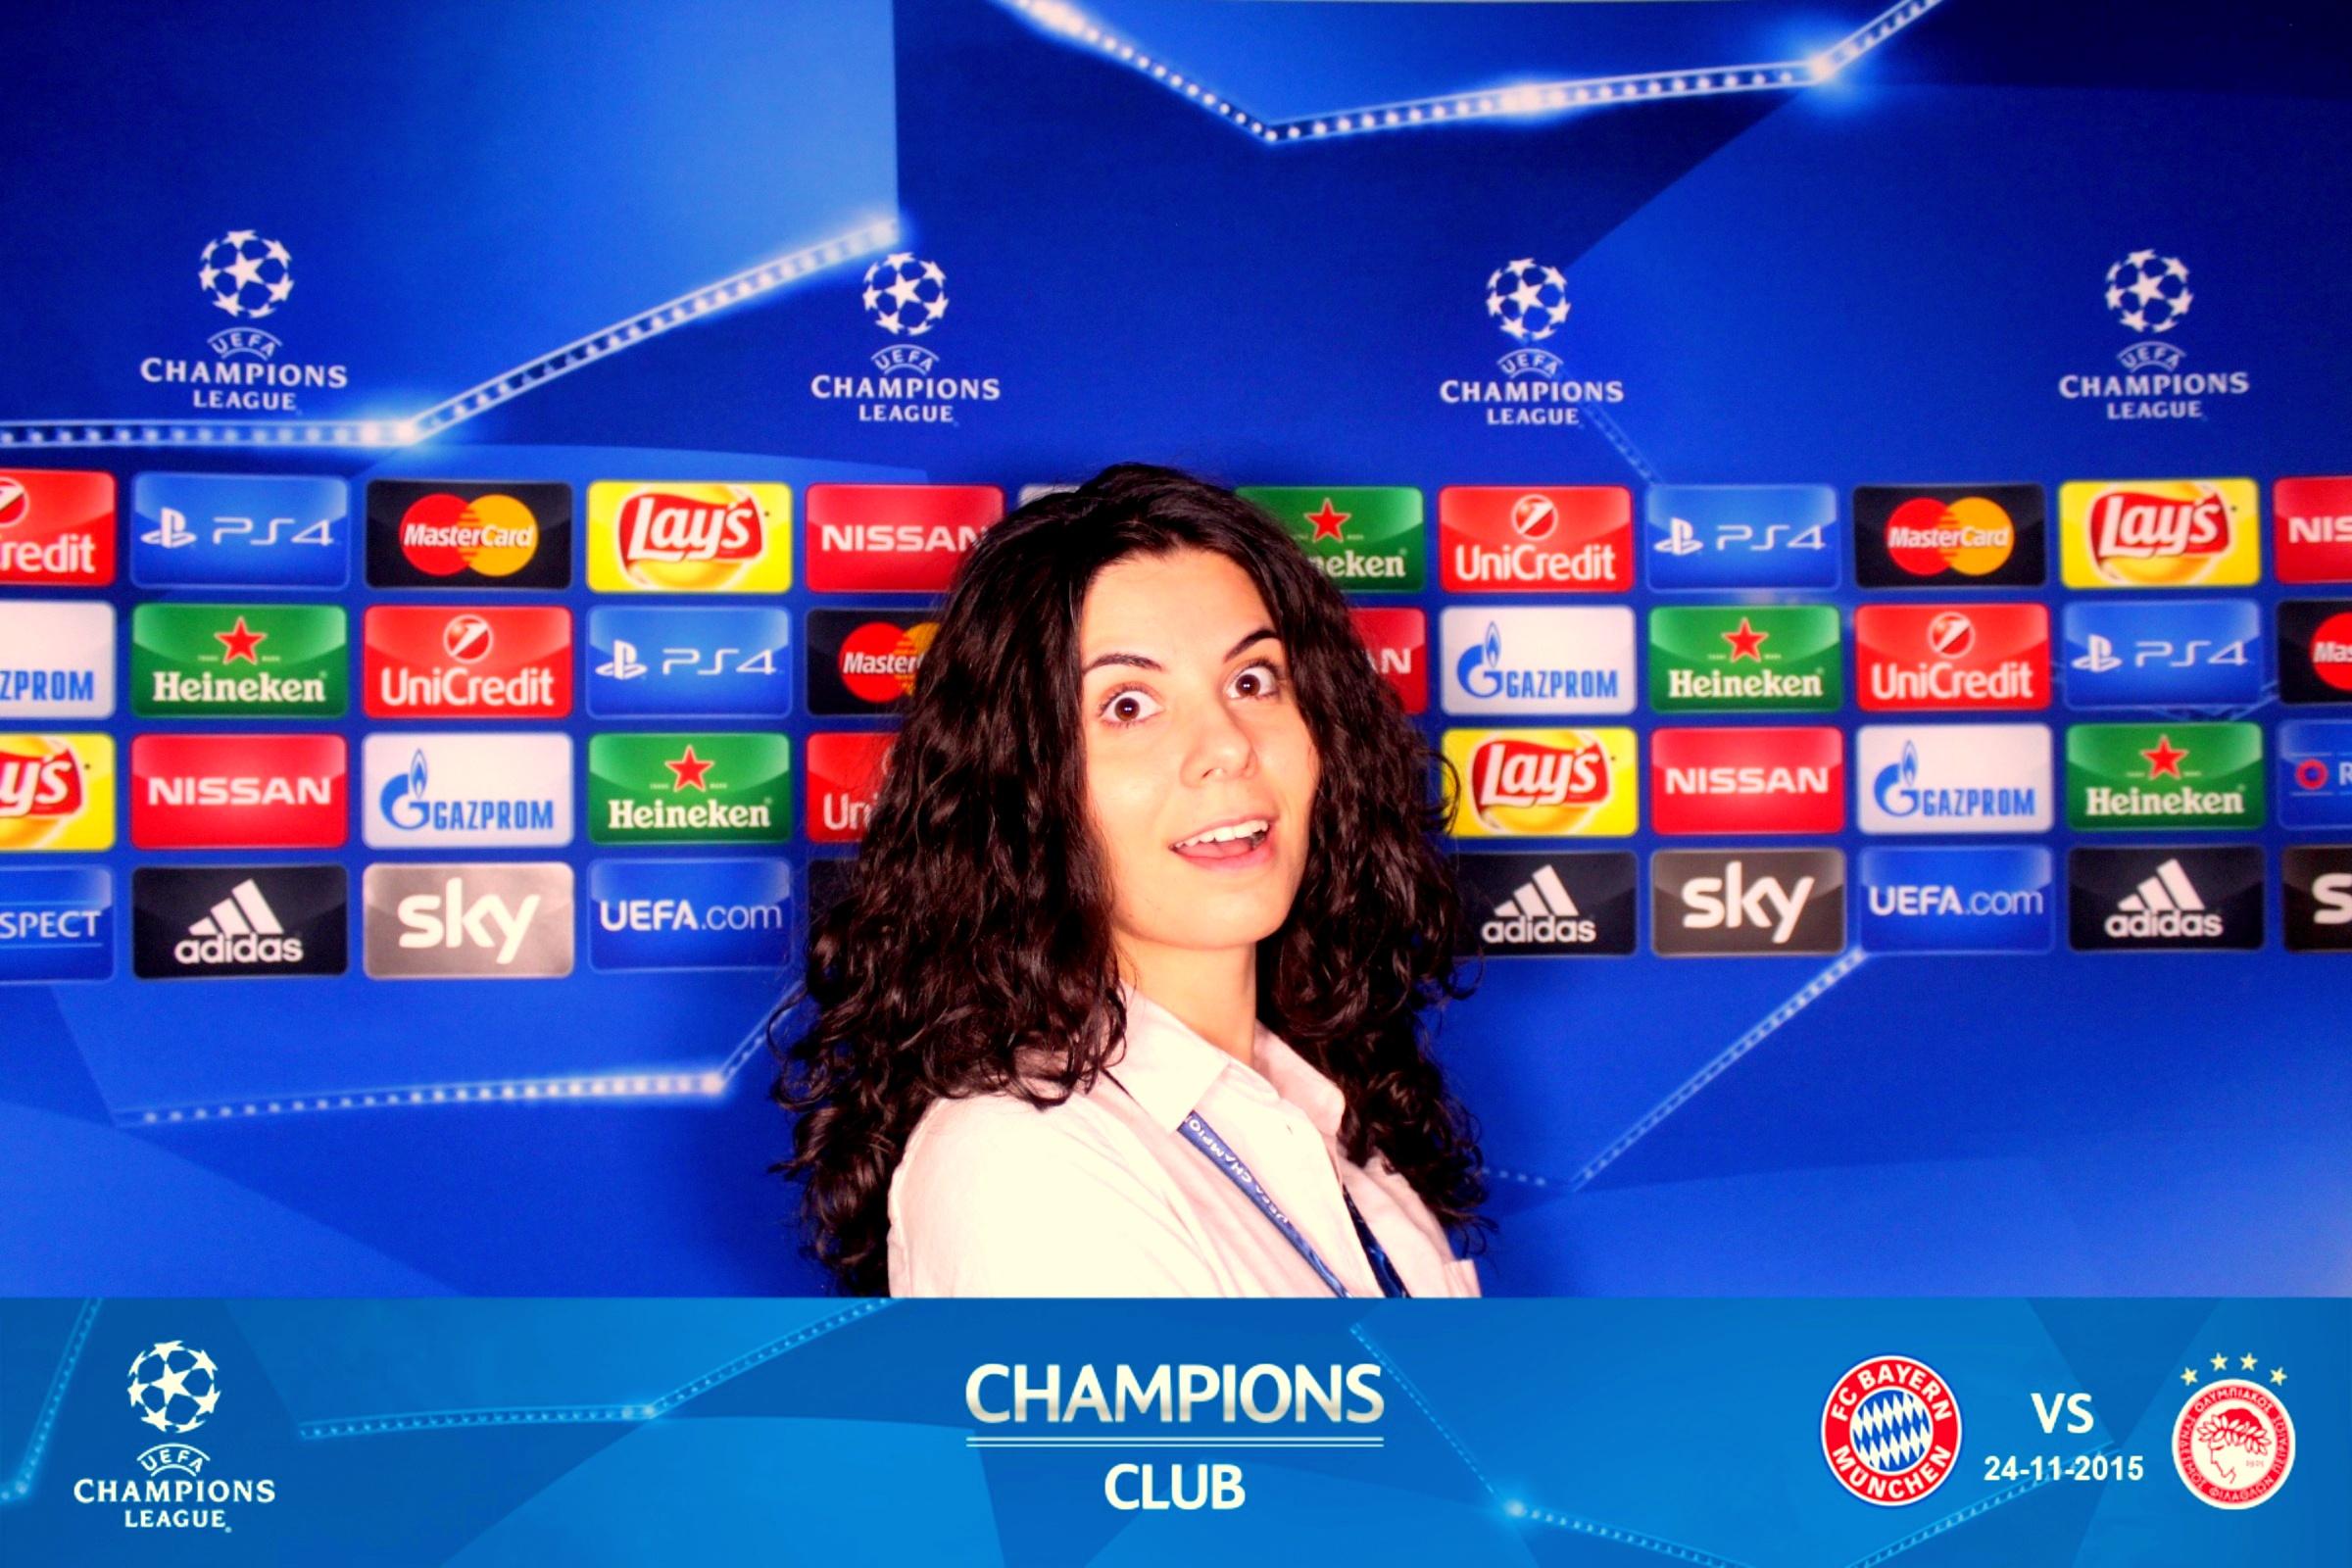 iulia ionescu la champions club